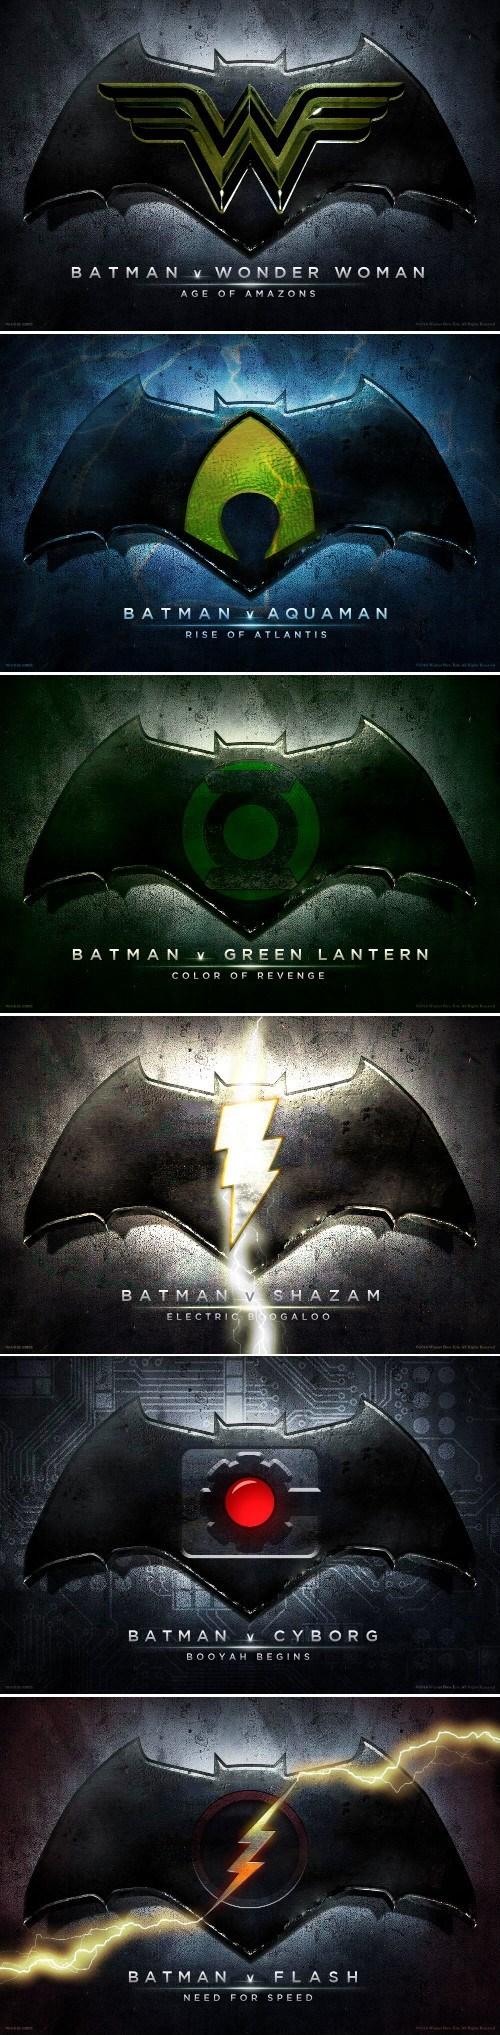 justice league logo Batman v Superman - 8198170112